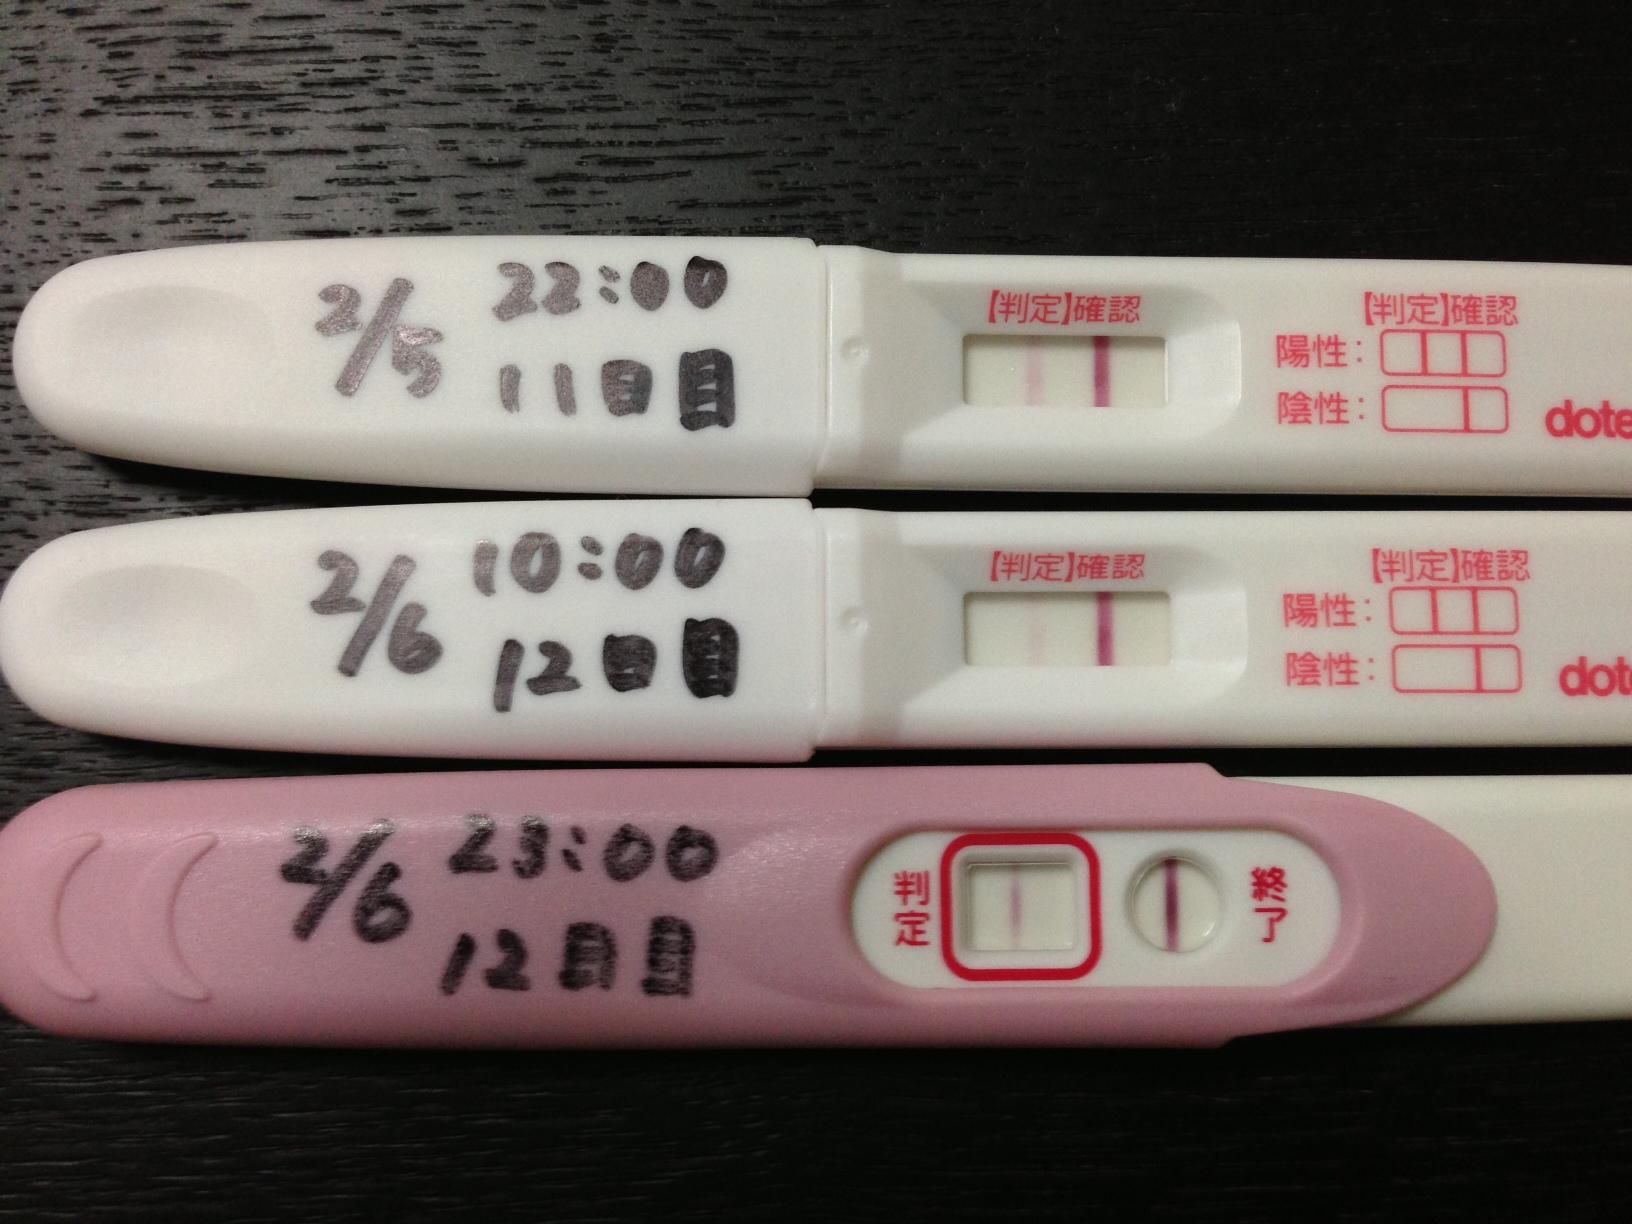 4日後 妊娠検査薬 フライング 【体験談】妊娠検査薬はいつから反応が出る?フライングすると…?